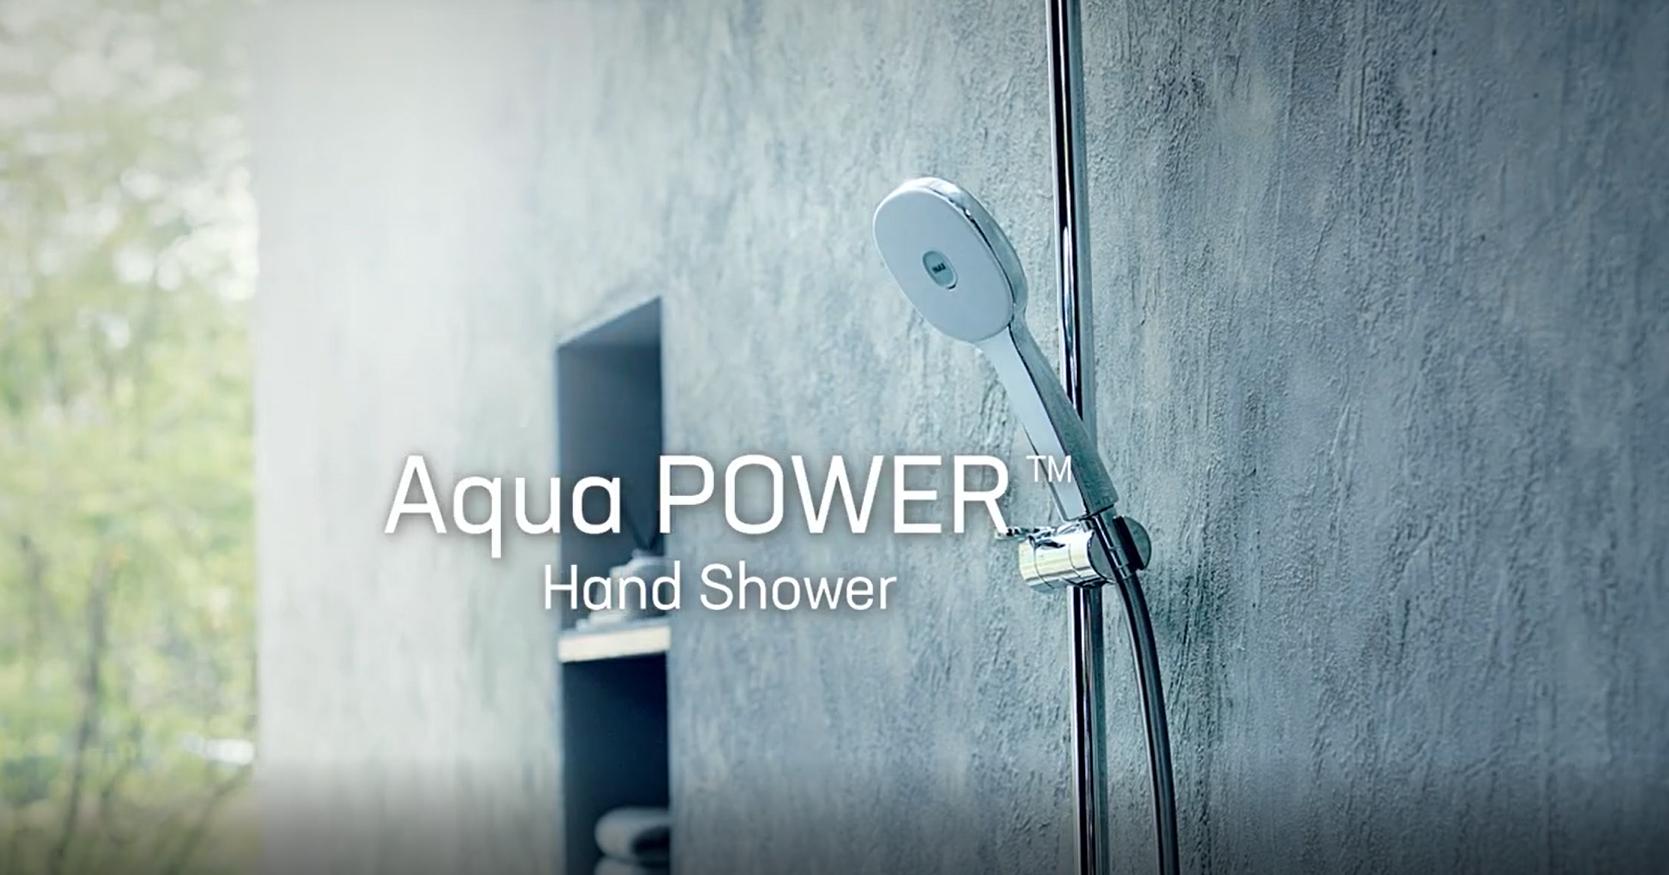 Nâng tầm trải nghiệm tắm với Sen tắm INAX Aqua Shower Thế hệ mới 2020